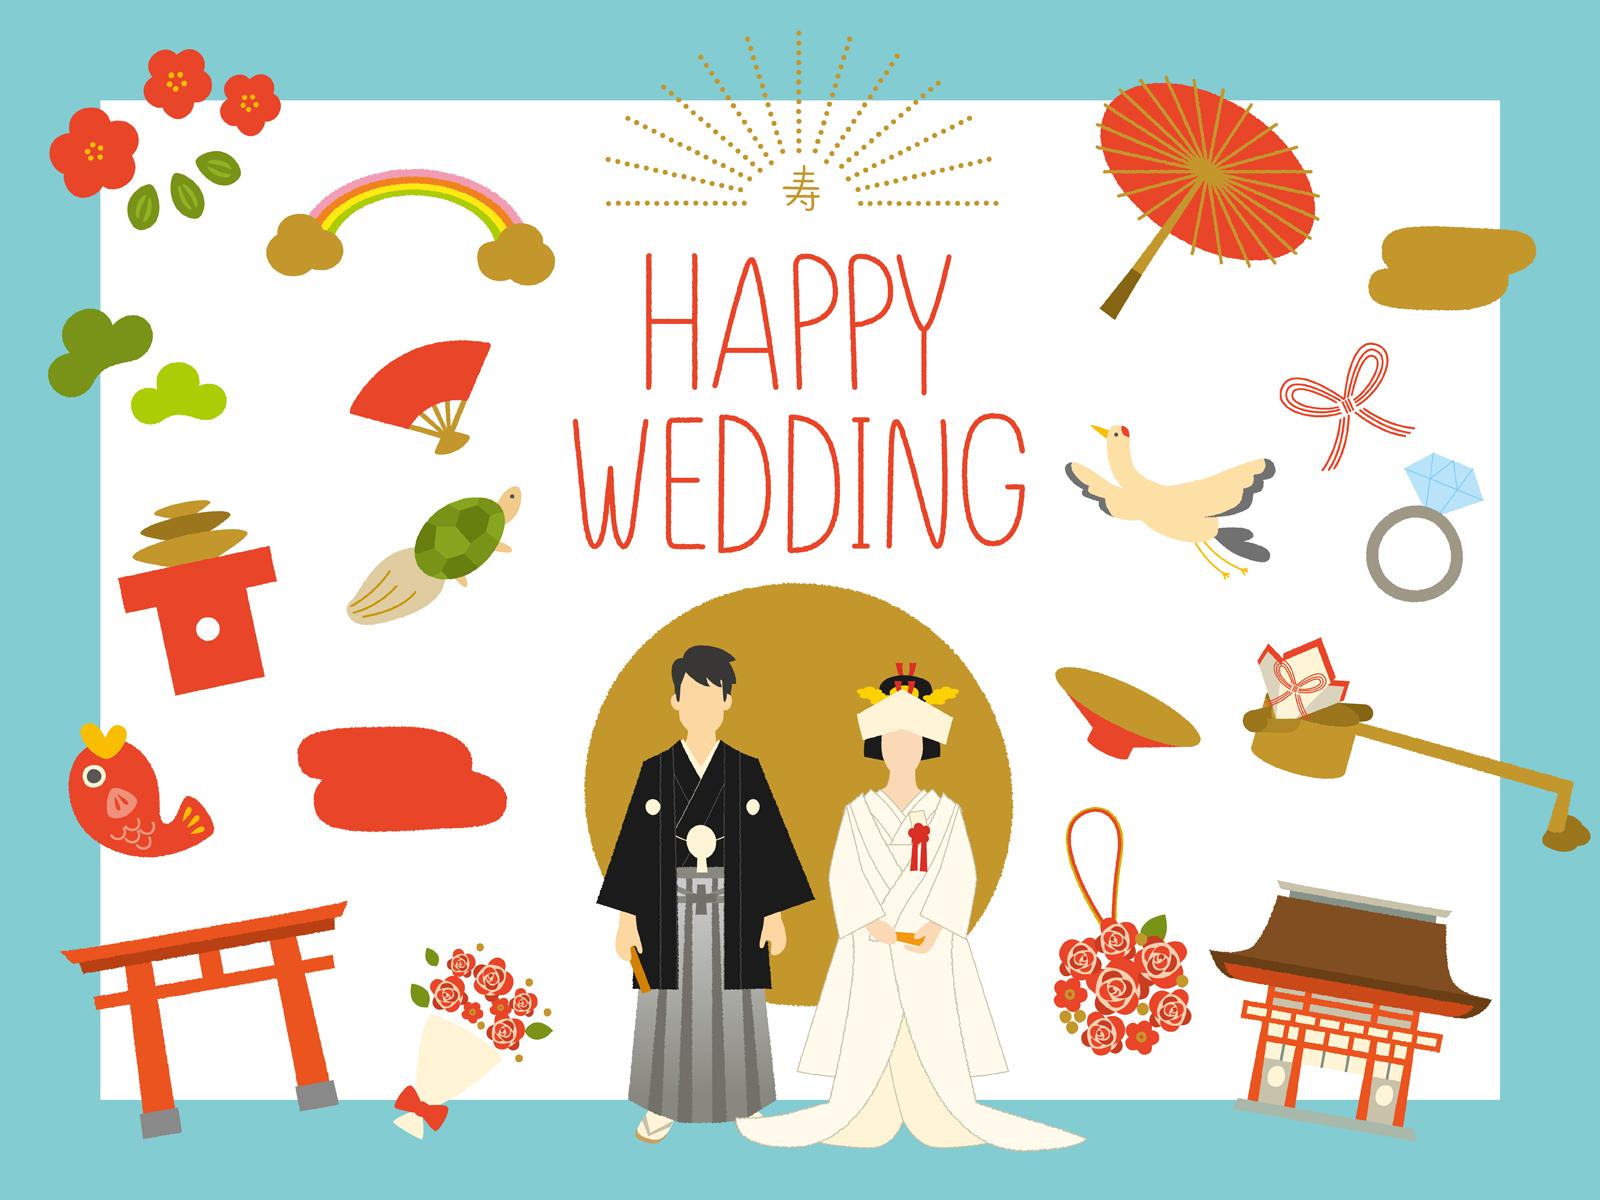 結婚式での和装の入場の仕方や演出、音楽のオススメ!